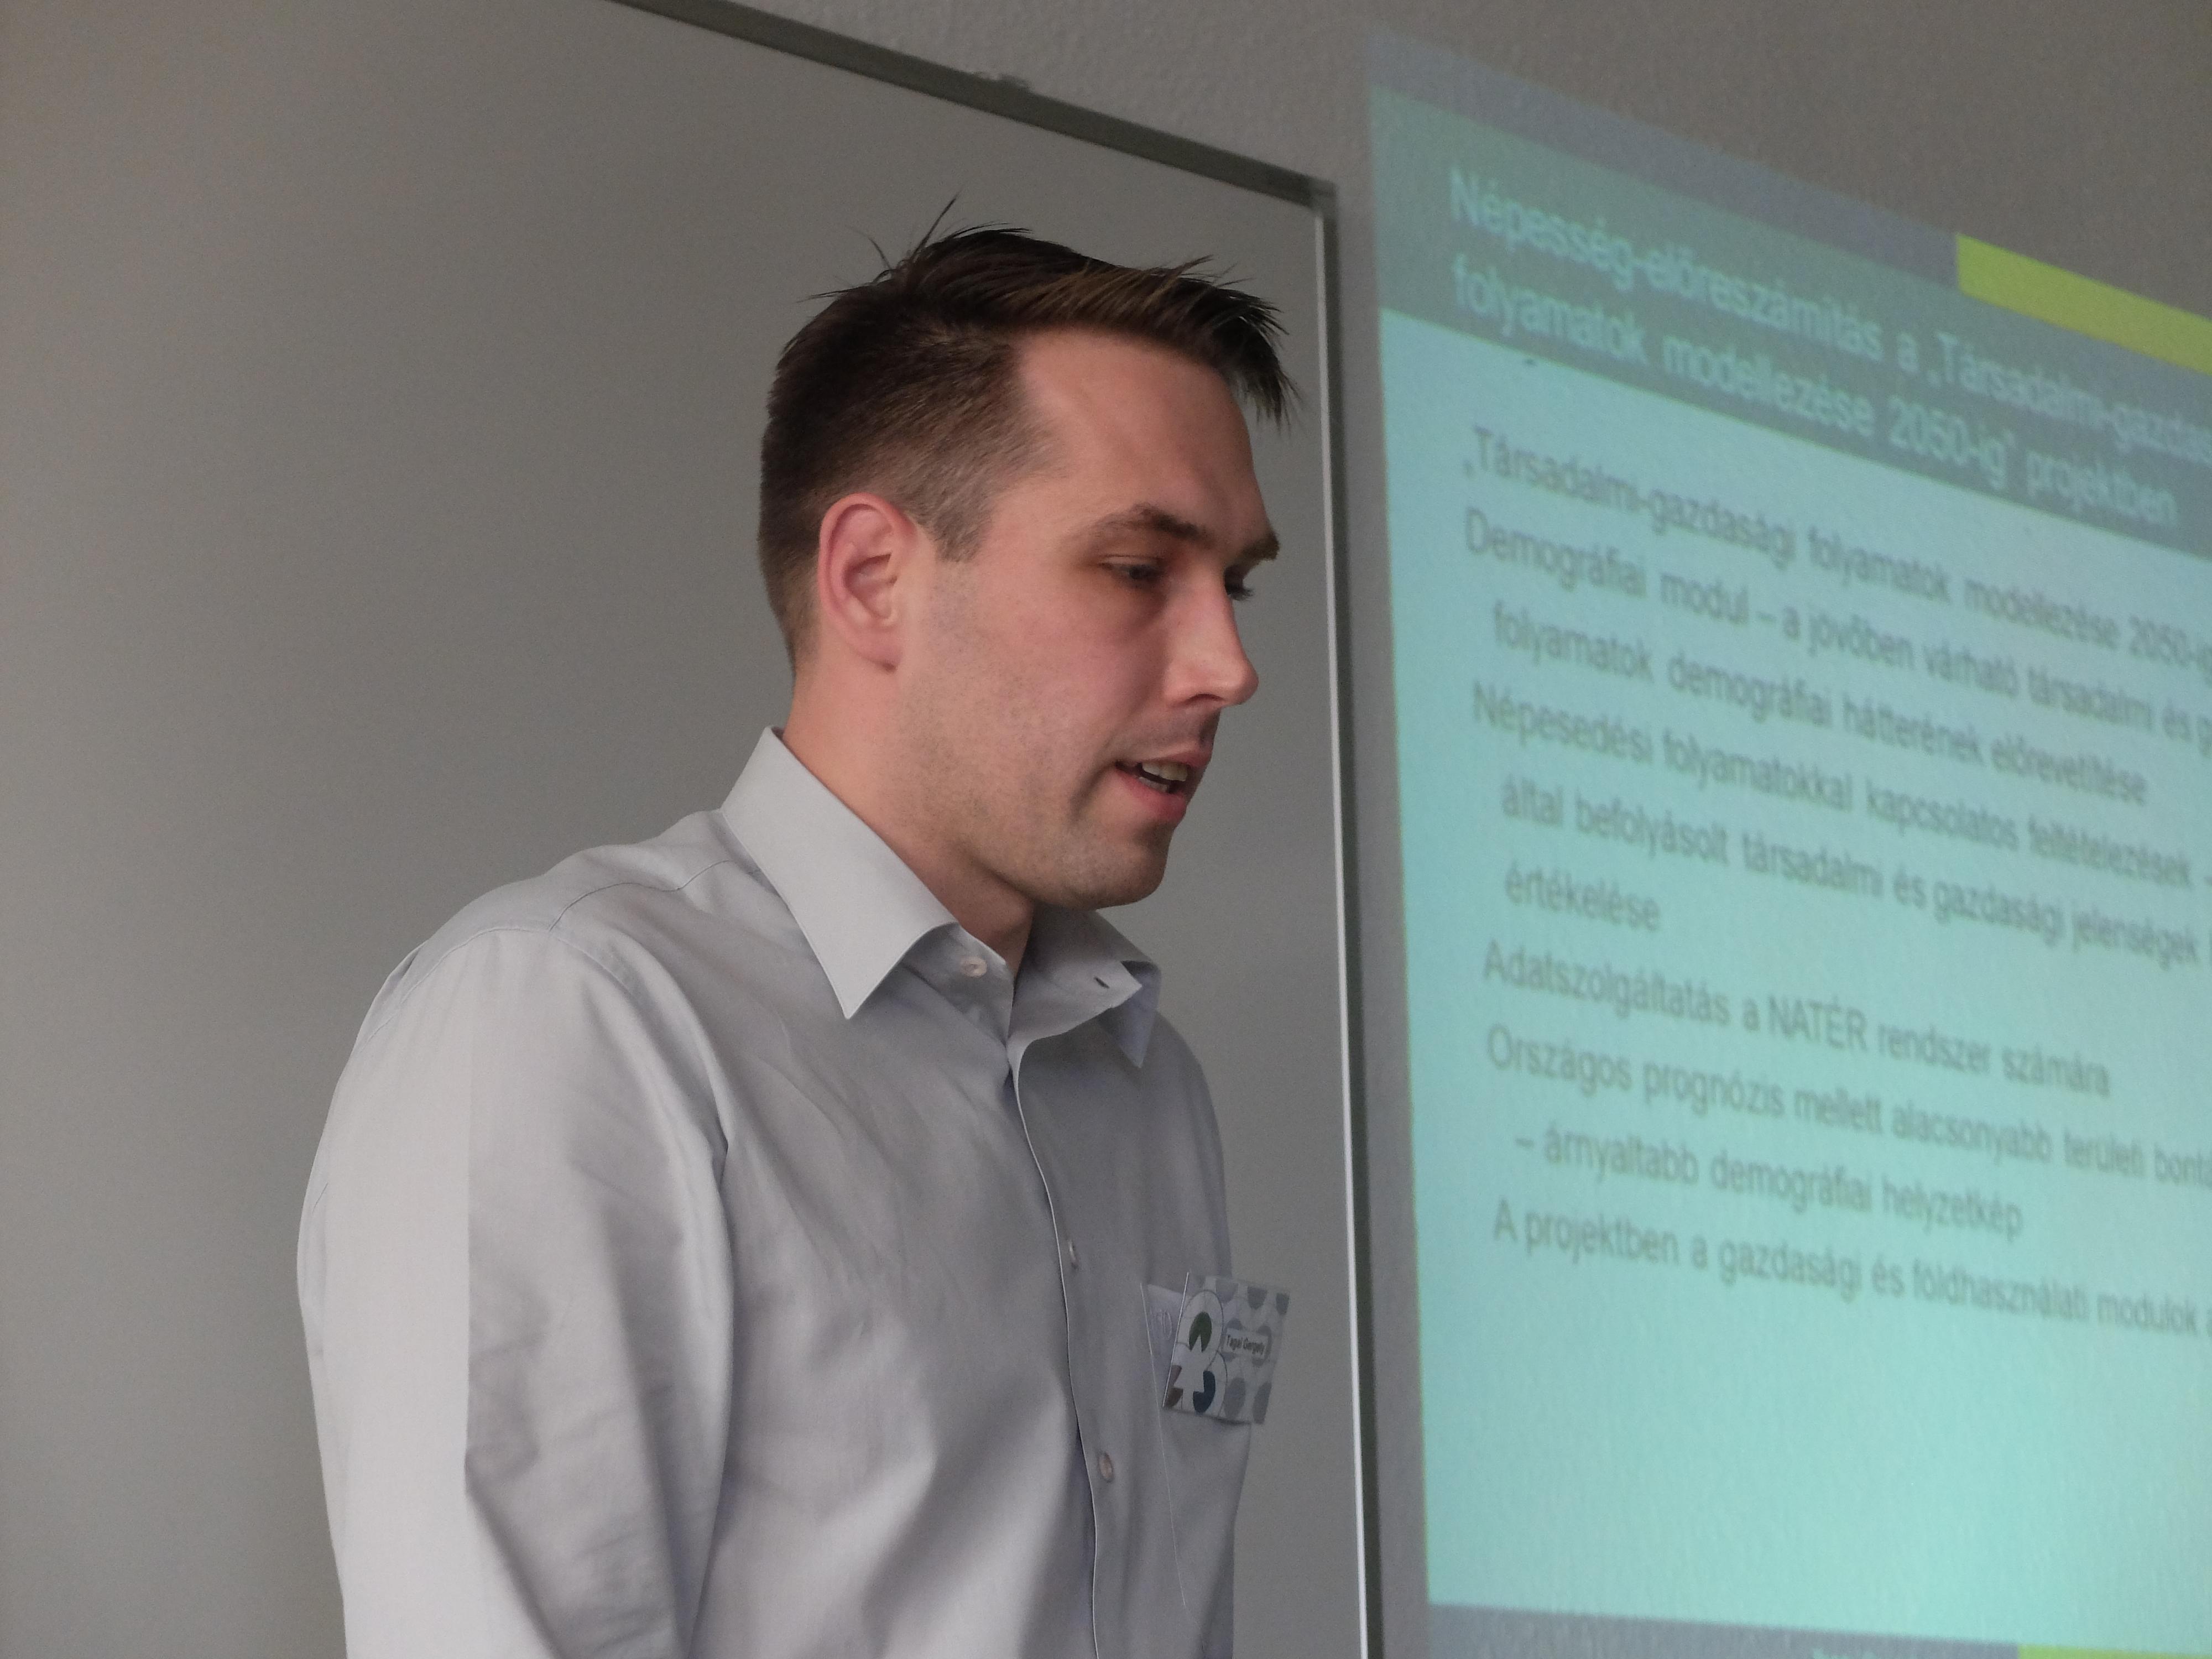 Tagai Gergely előadása a Magyar Regionális Tudományi Társaság XIII. Vándorgyűlésén, Egerben, 2015. november 20-án